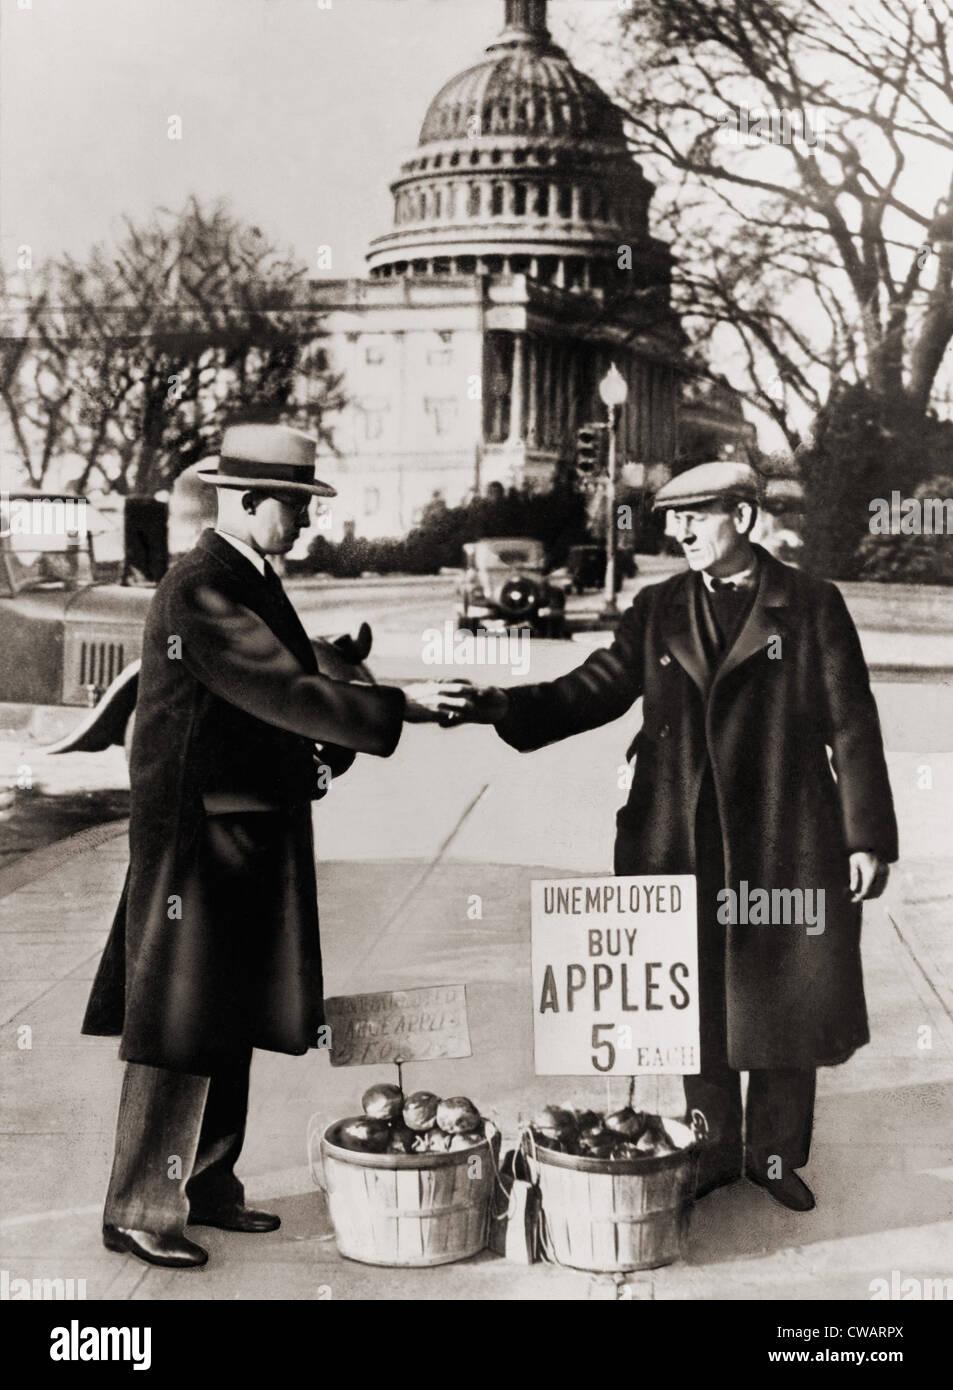 La Gran Depresión. Hombre desempleado vende manzanas cerca del Capitolio en Washington, D.C. como La Gran Depresión Imagen De Stock